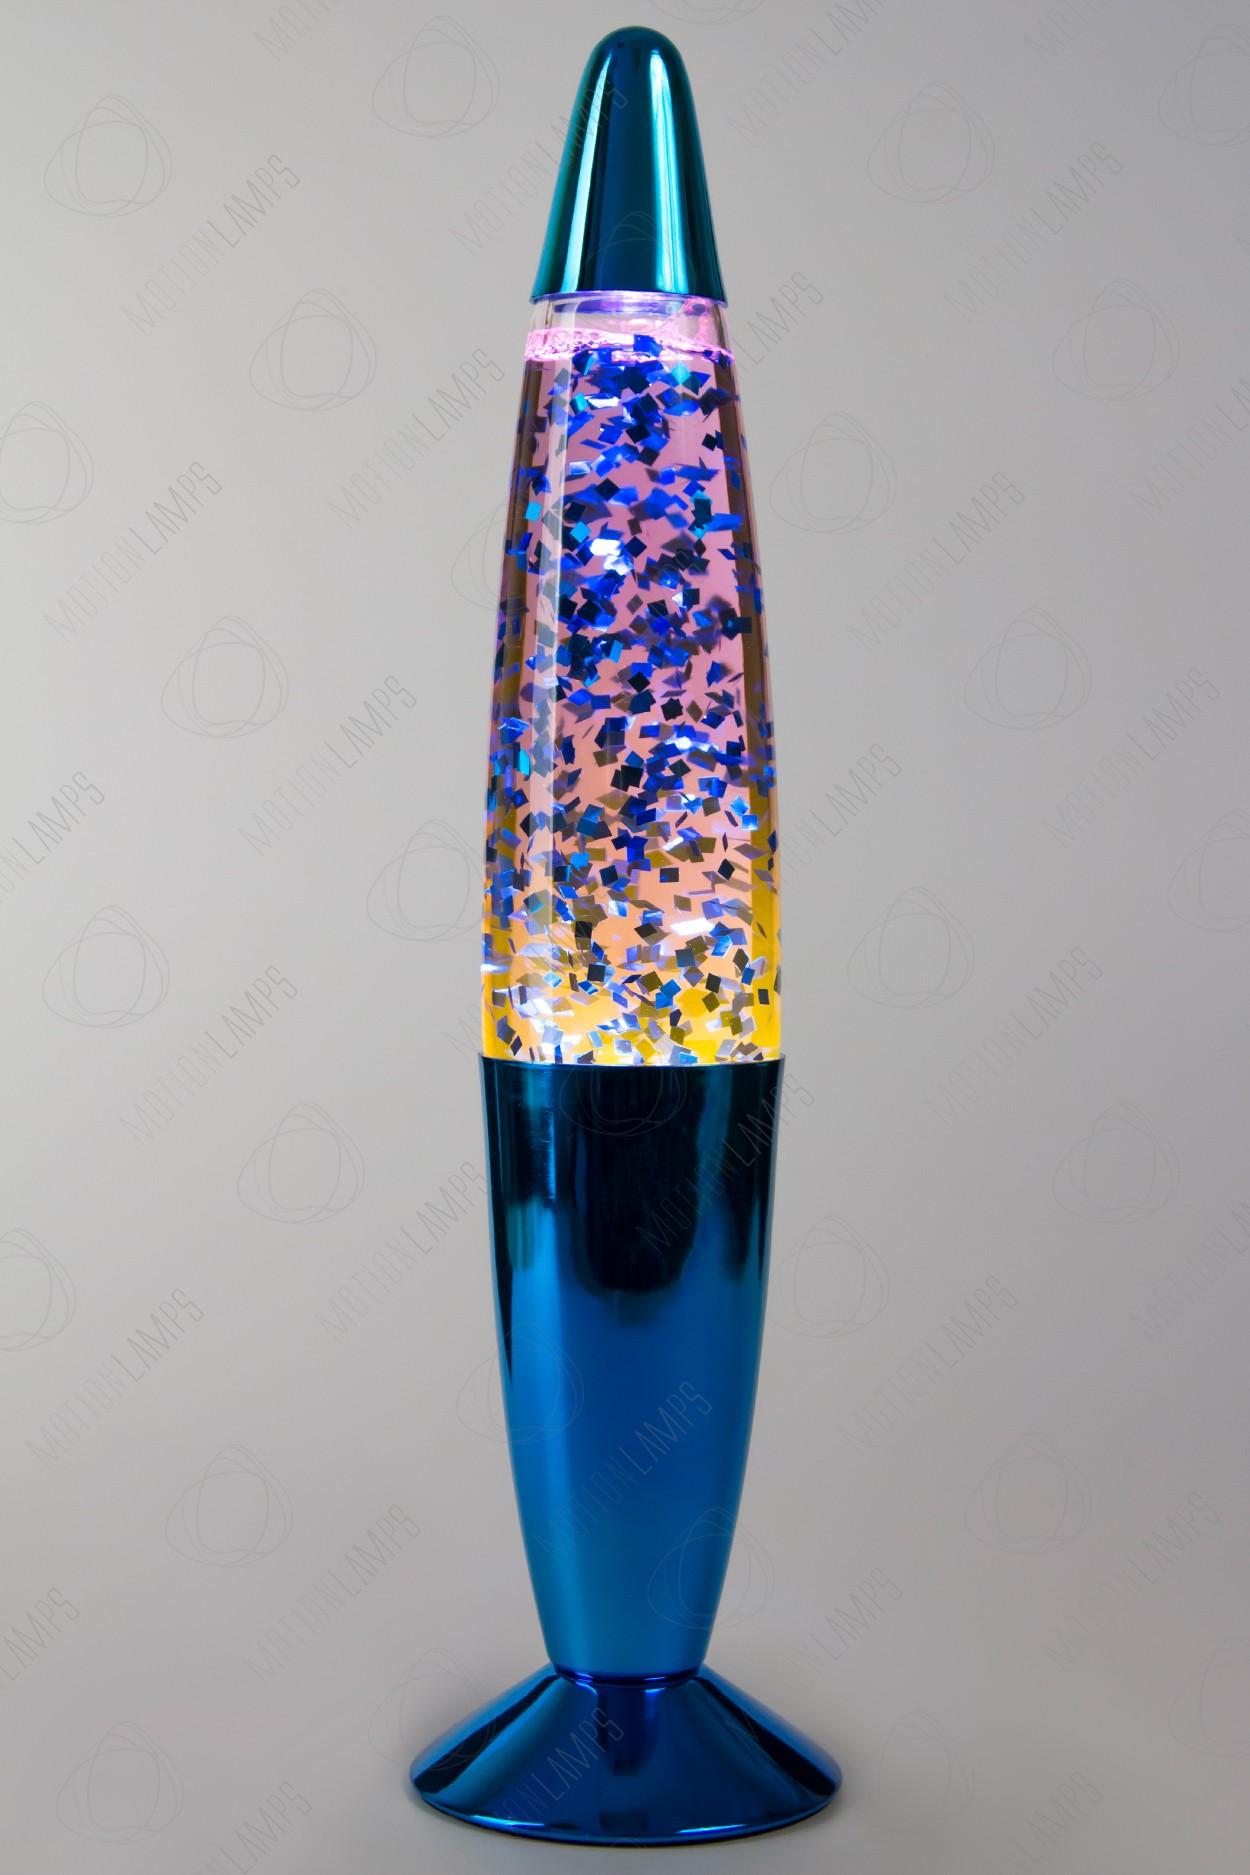 Лава-лампа 35см Хром Синяя/Фиолетовые блёстки (Глиттер)